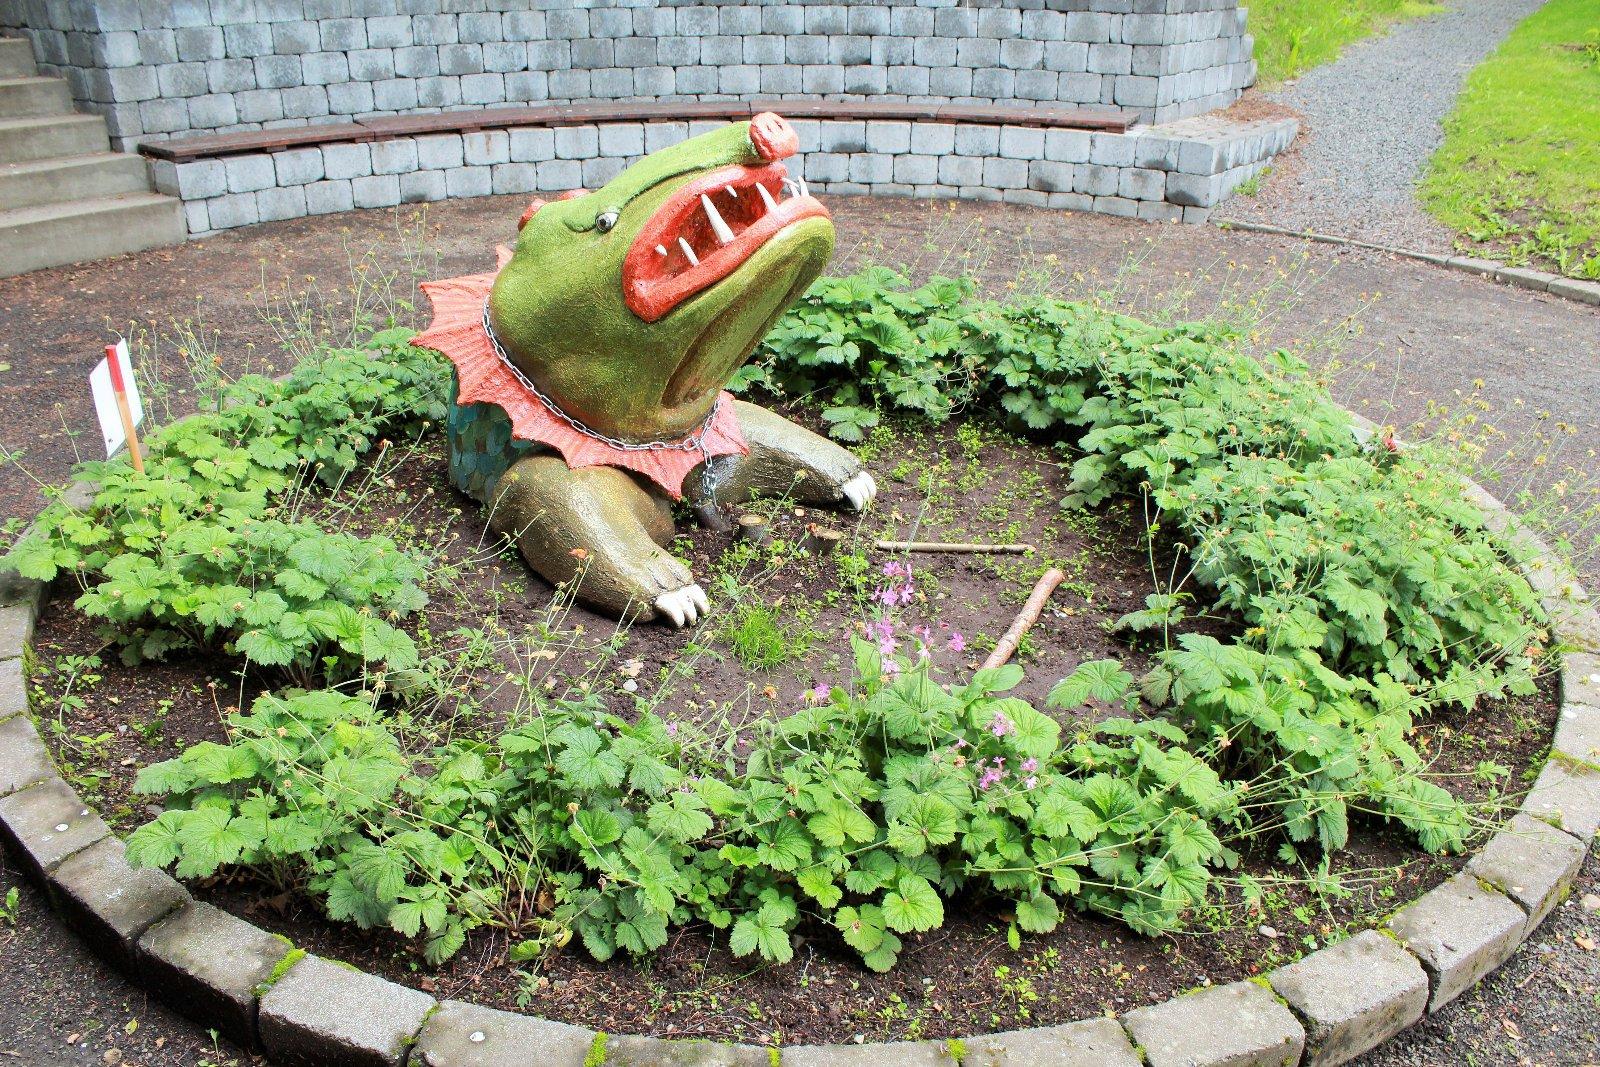 крокодил, Aðalstræti, музеи Акюрейри, Nonnahús, Jón Sveinsson, исландский писатель, детская литература в Исландии, Йоун Свейнссон, исландский иезуит_ Photo Stasmir